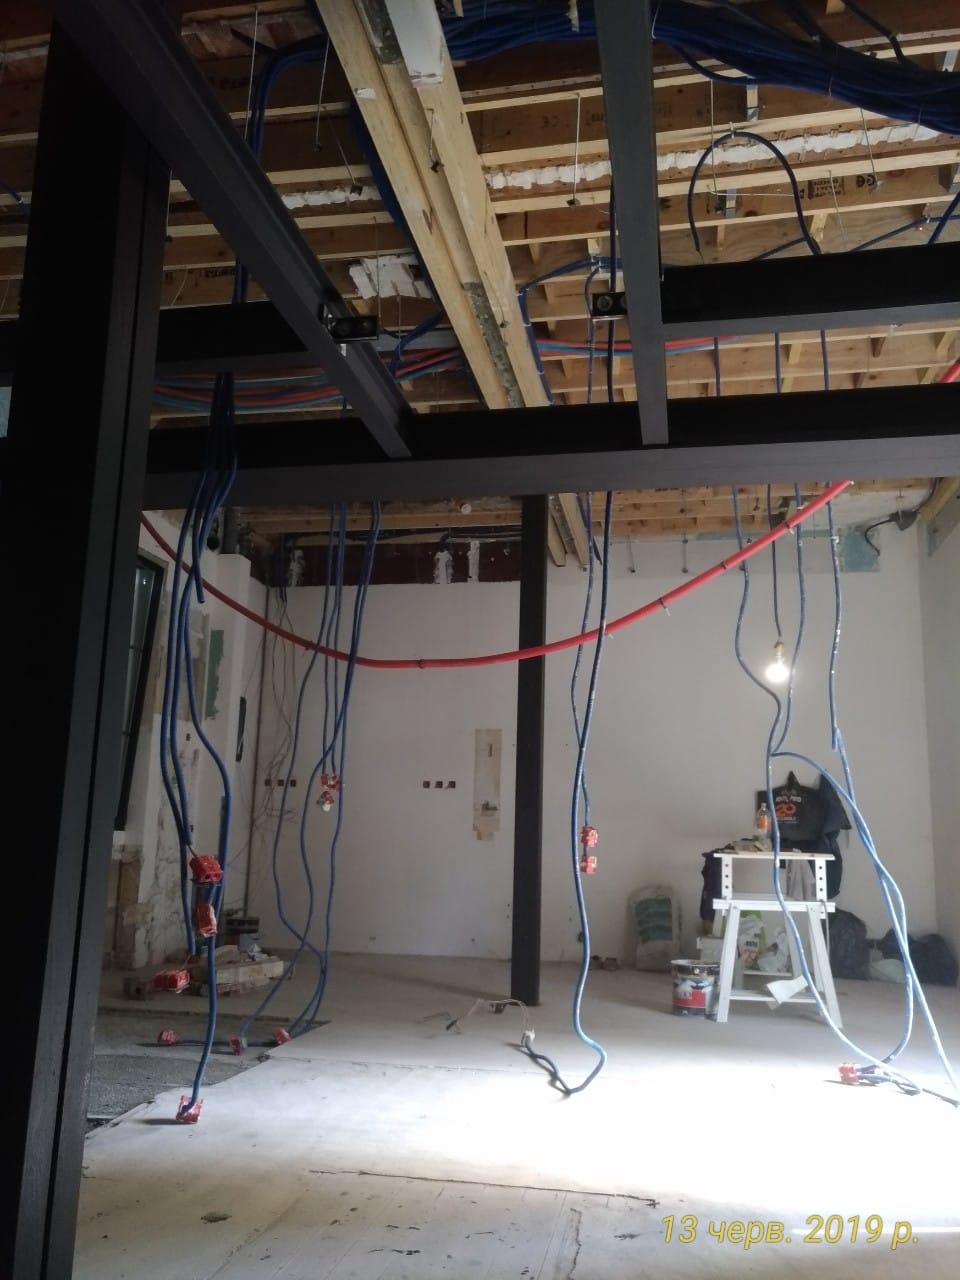 Création de mezzanine et de trémie, démolition de faux-plafonds. Renforcement par structure métallique